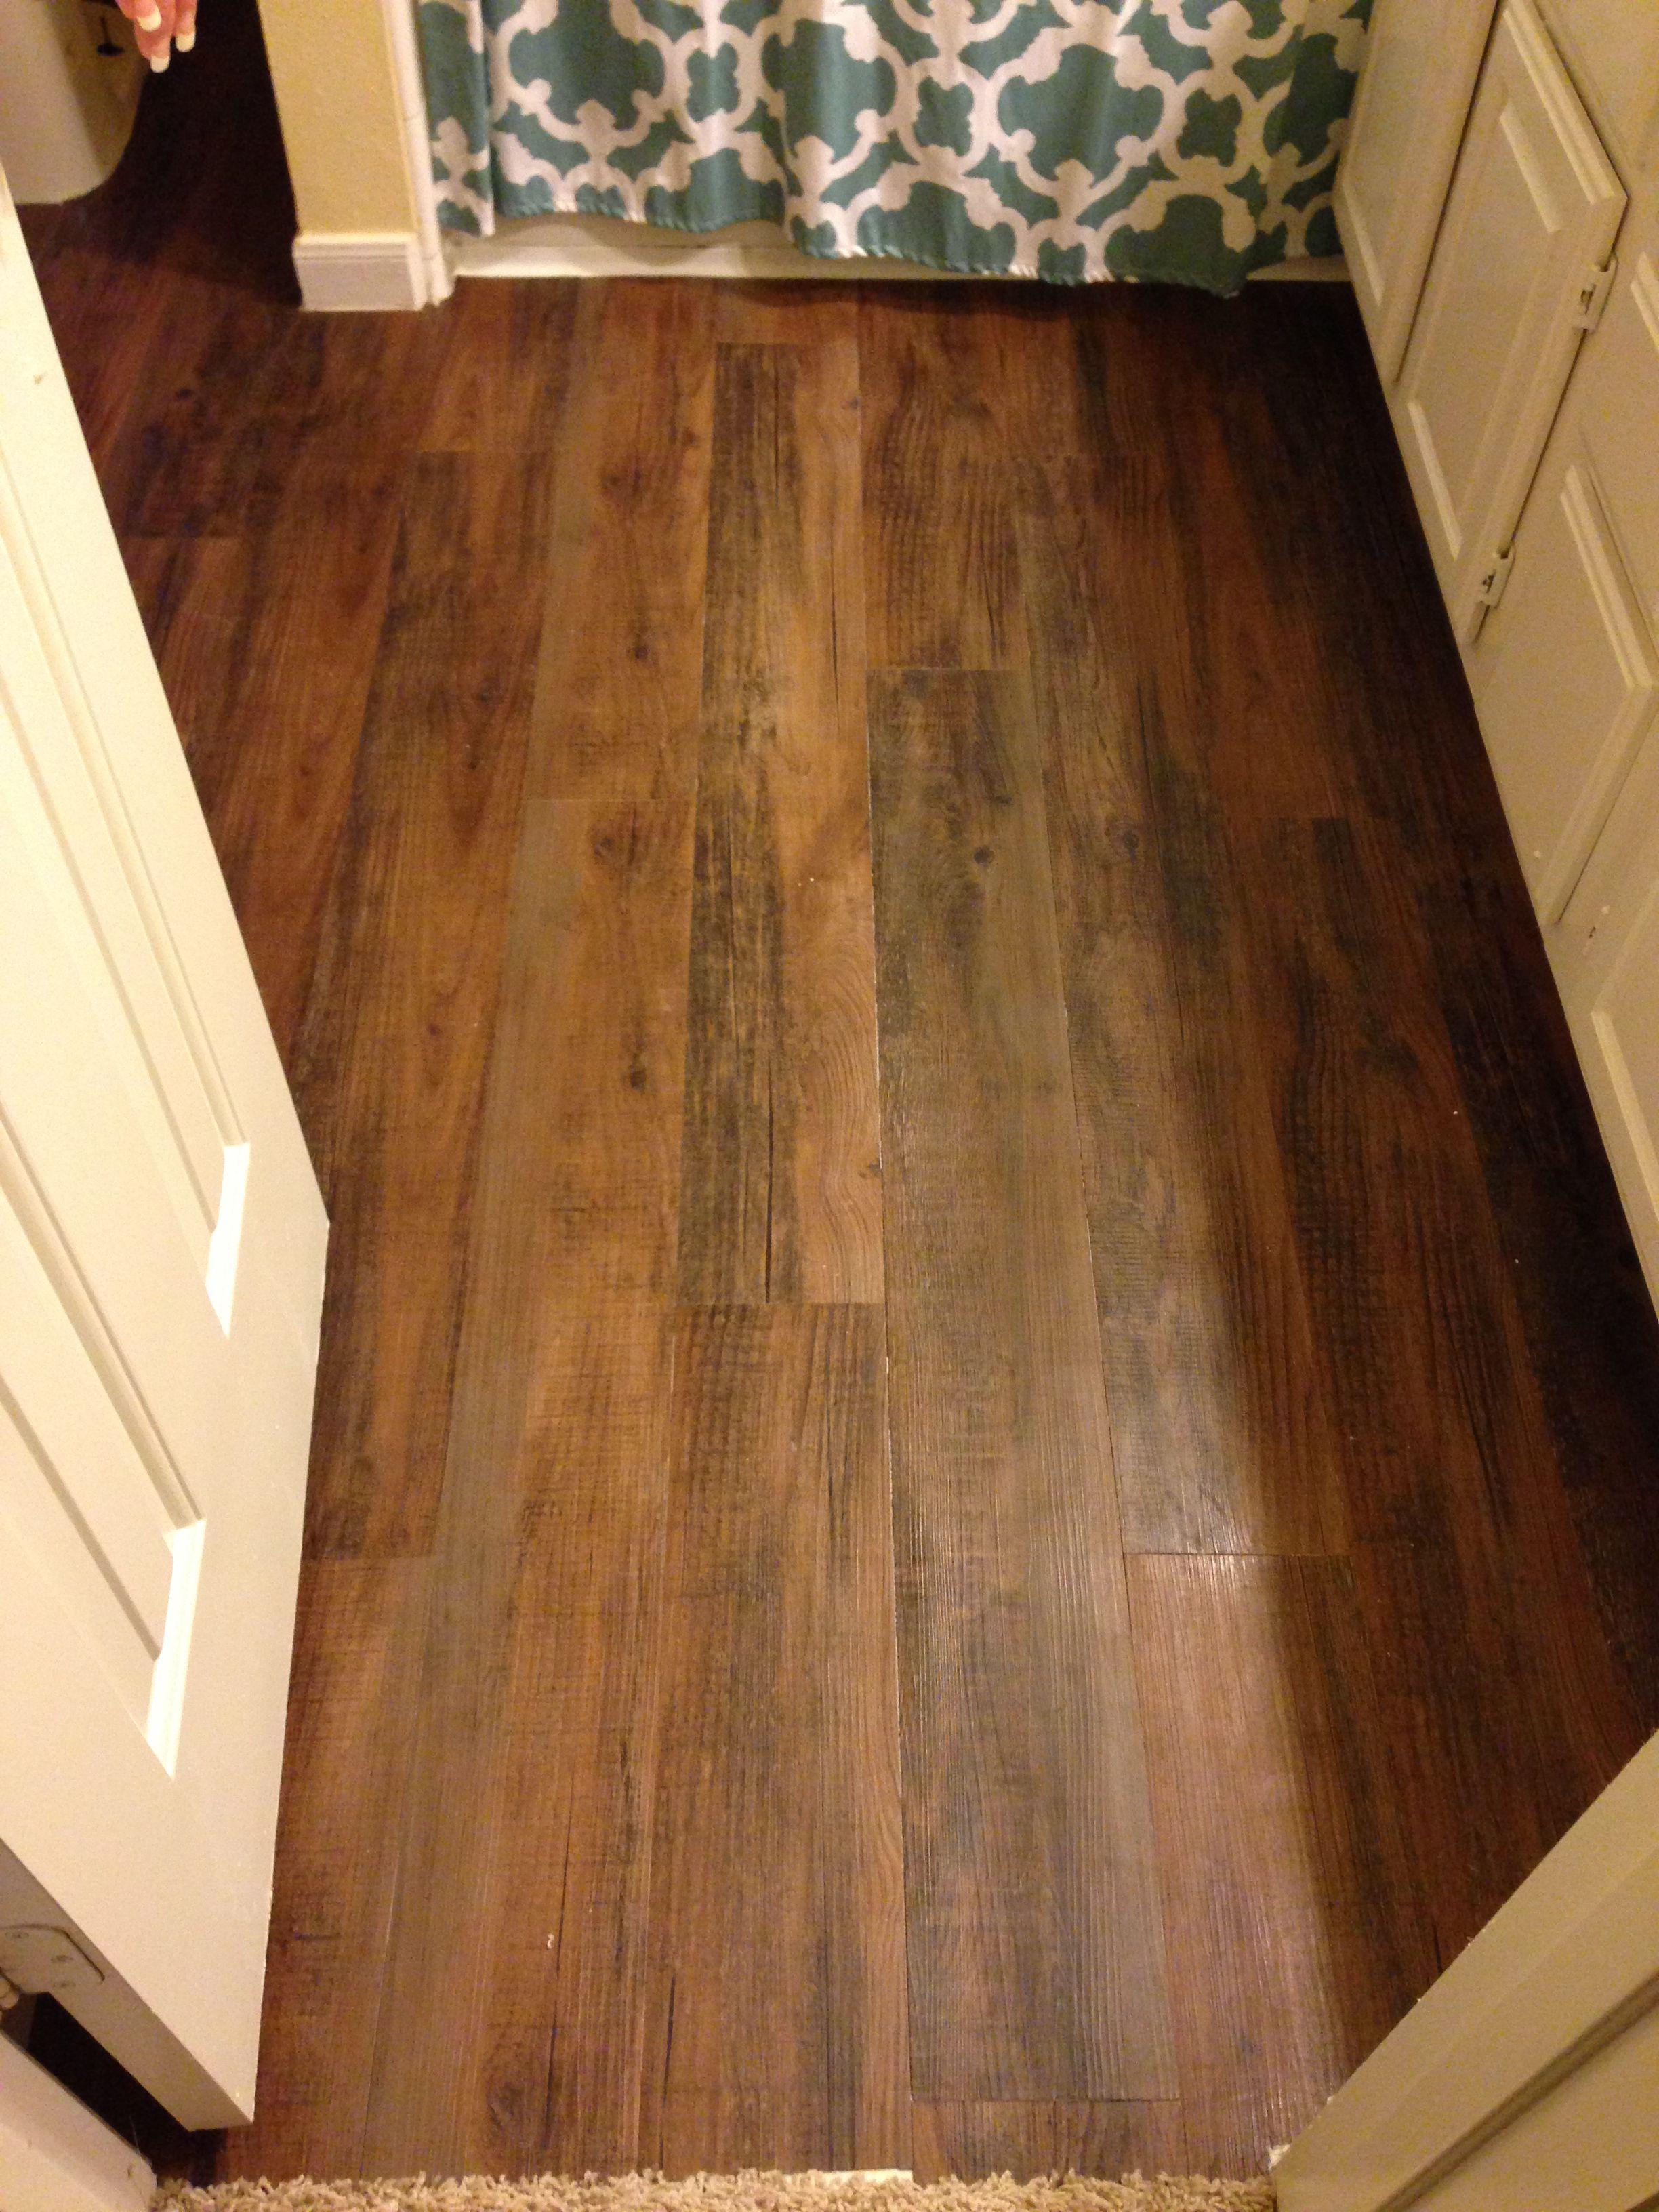 Upstairs bathroom remodel the floor looks awesome d itus vinyl